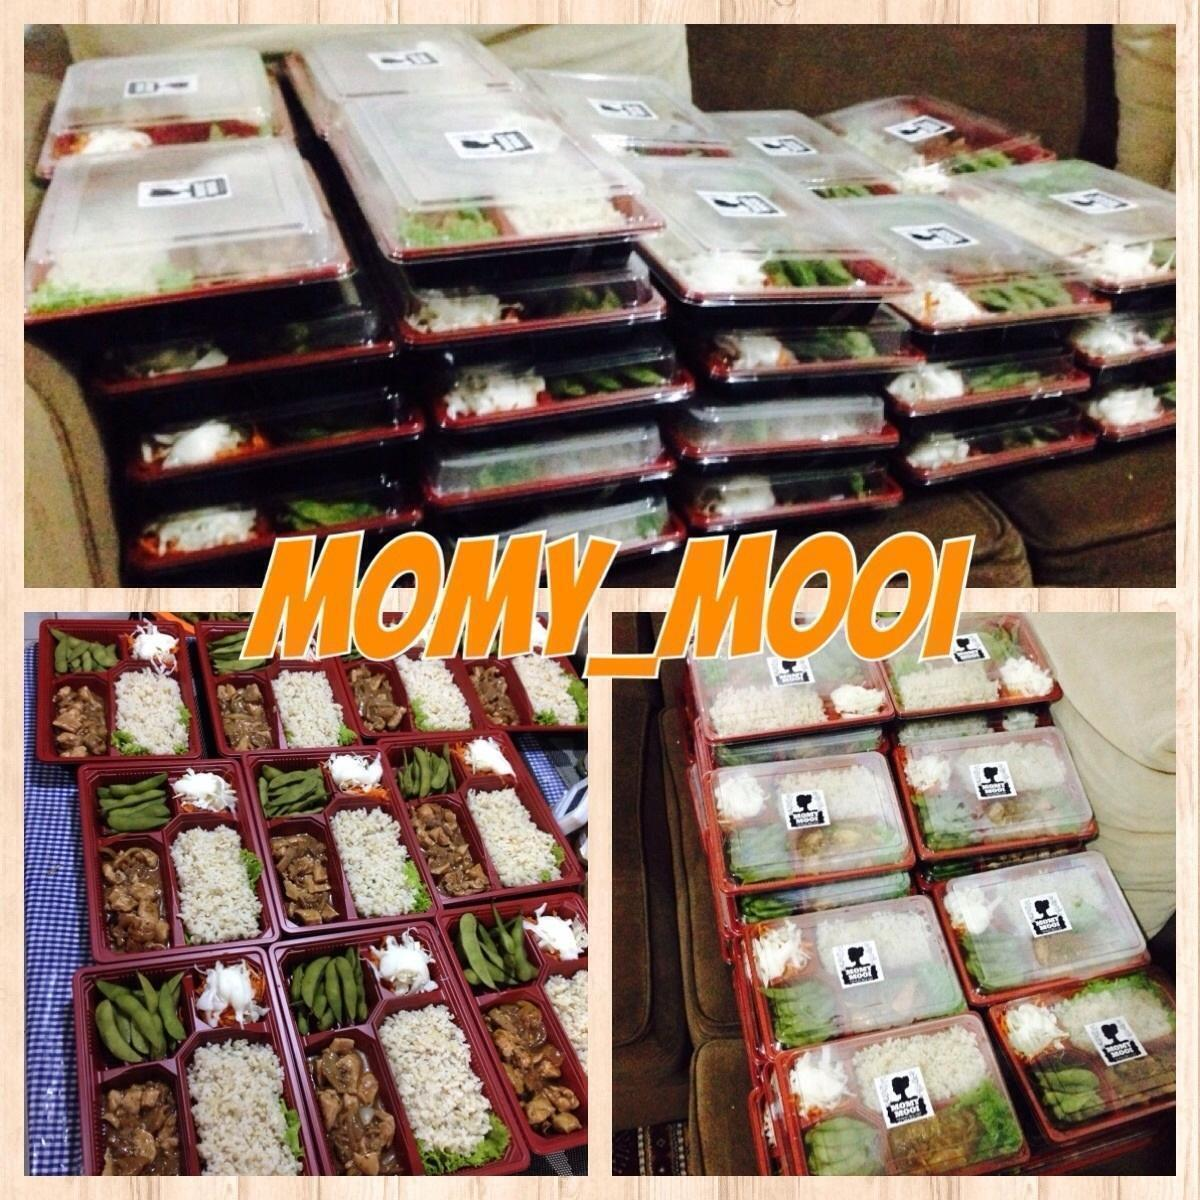 MyMooi dan Momy Mooi Catering